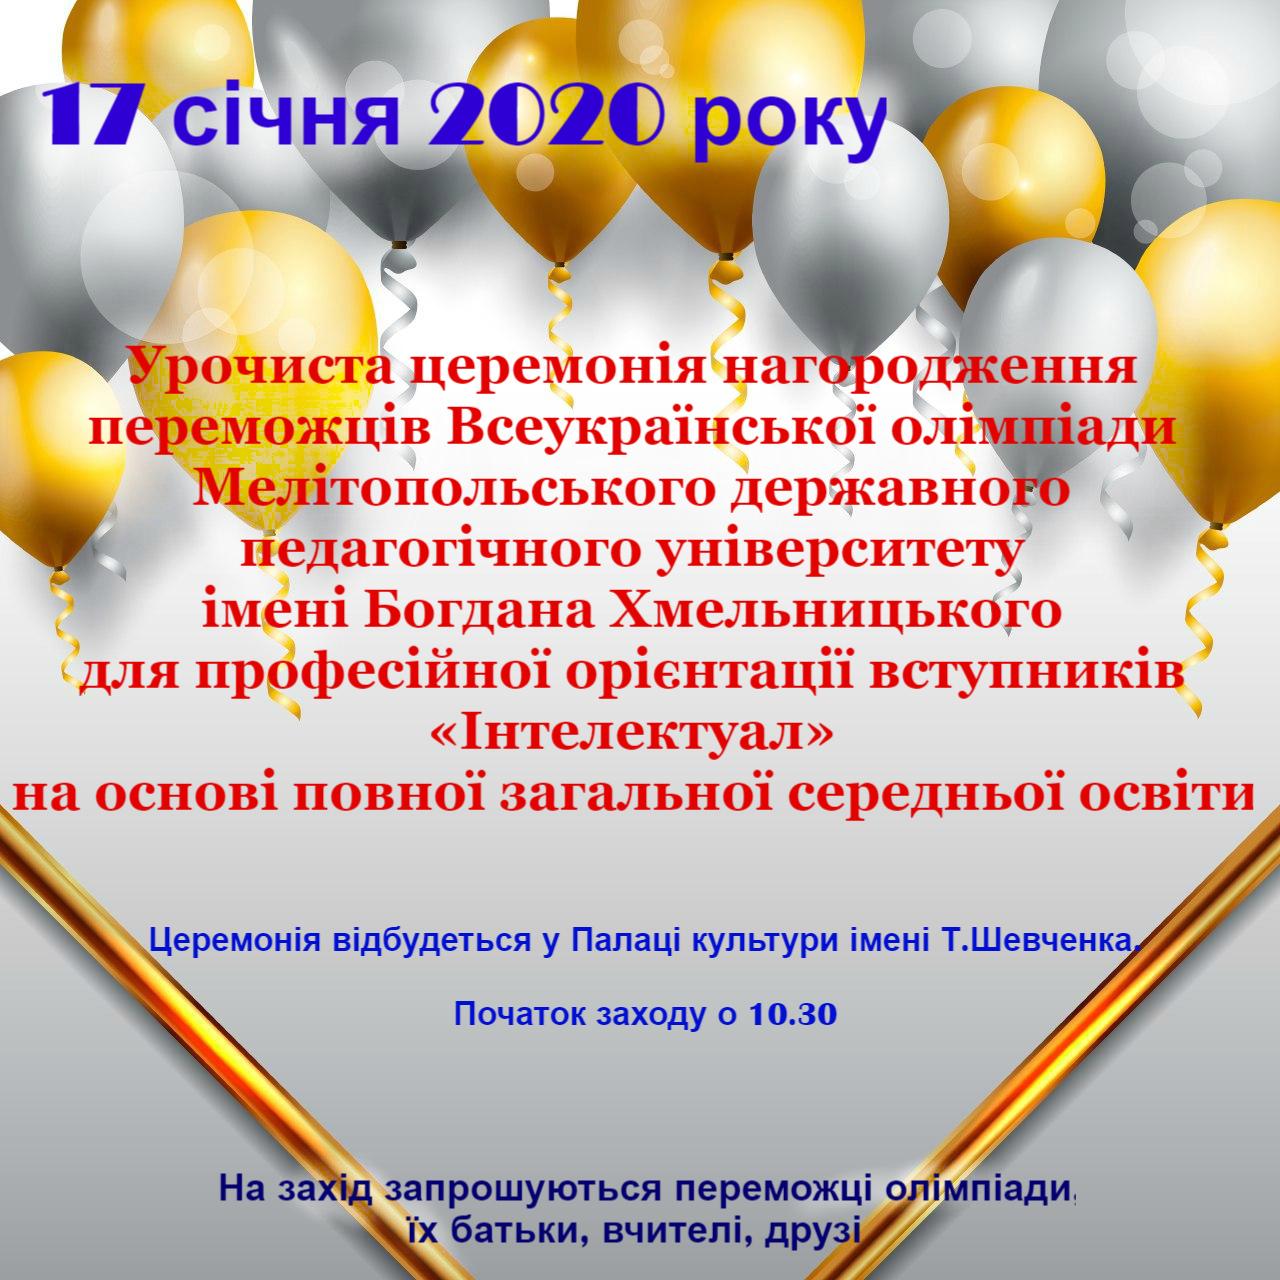 Запрошуємо на урочисту церемонію нагородження переможців Всеукраїнської олімпіади «Інтелектуал»